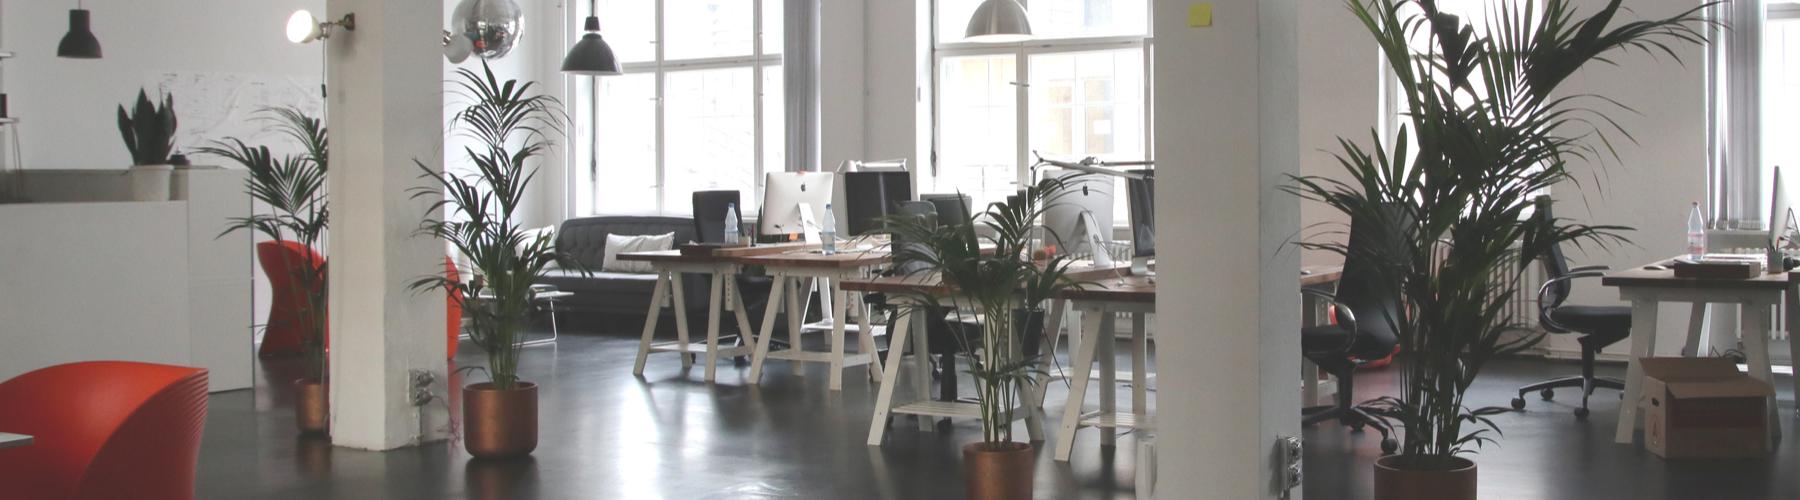 La décoration de bureaux pour améliorer le bonheur au travail